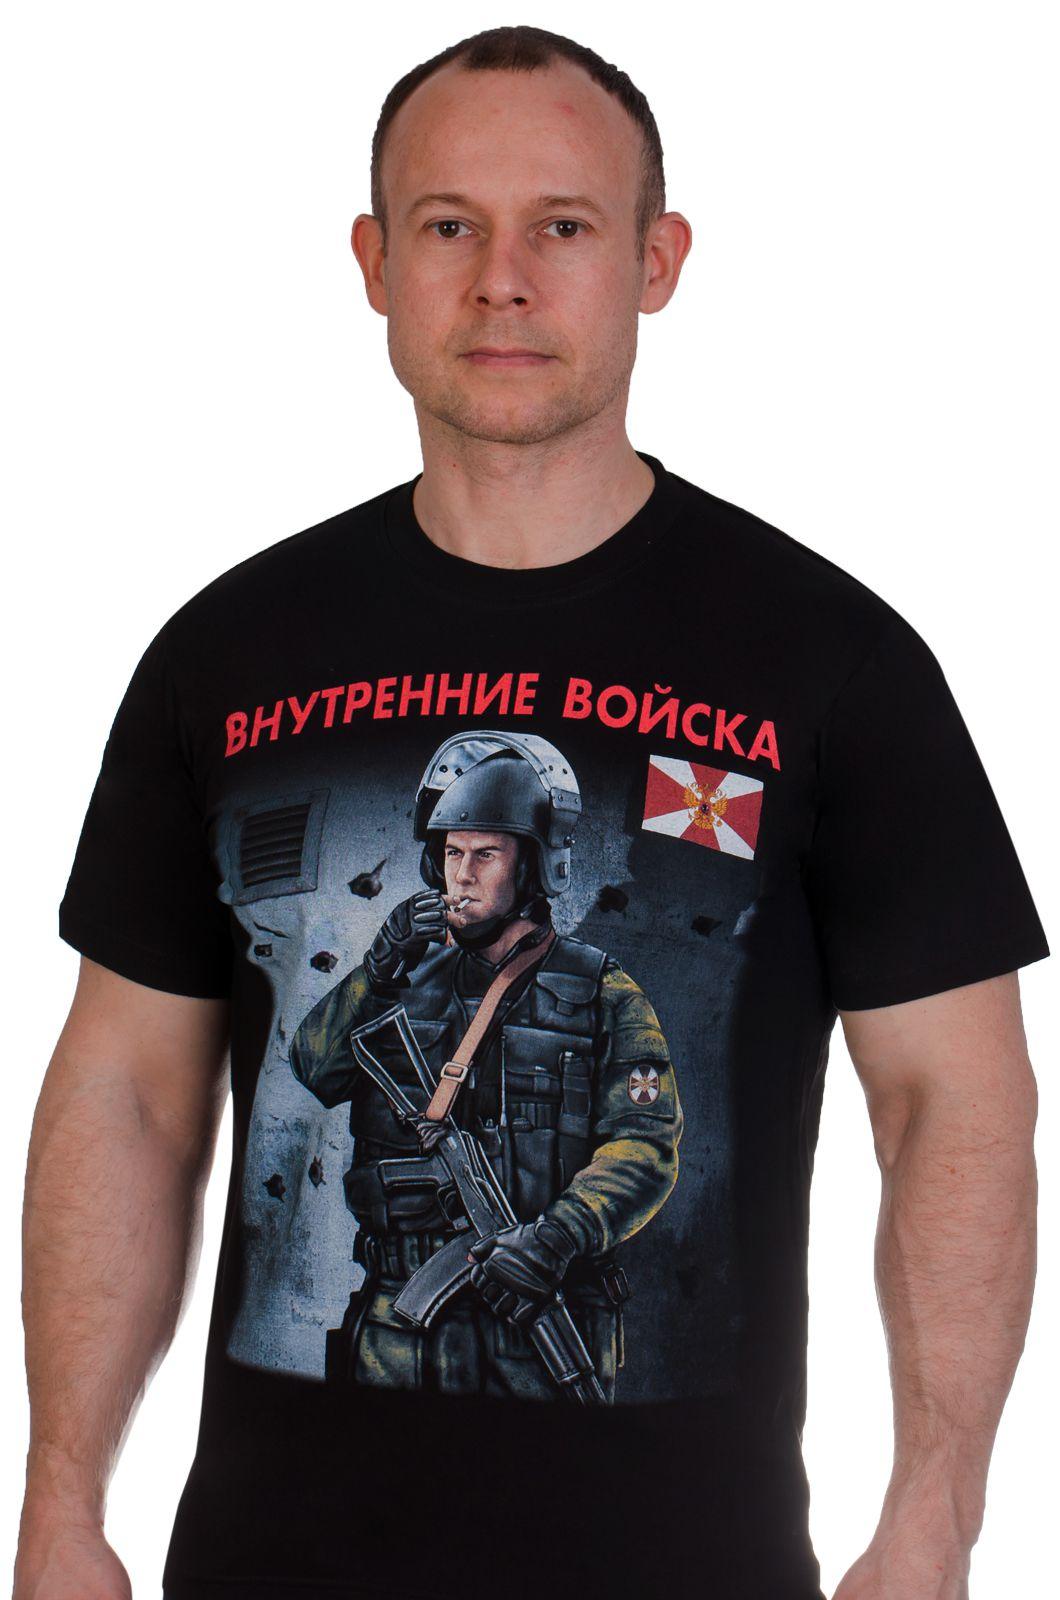 Недорогие мужские футболки по цене распродажи